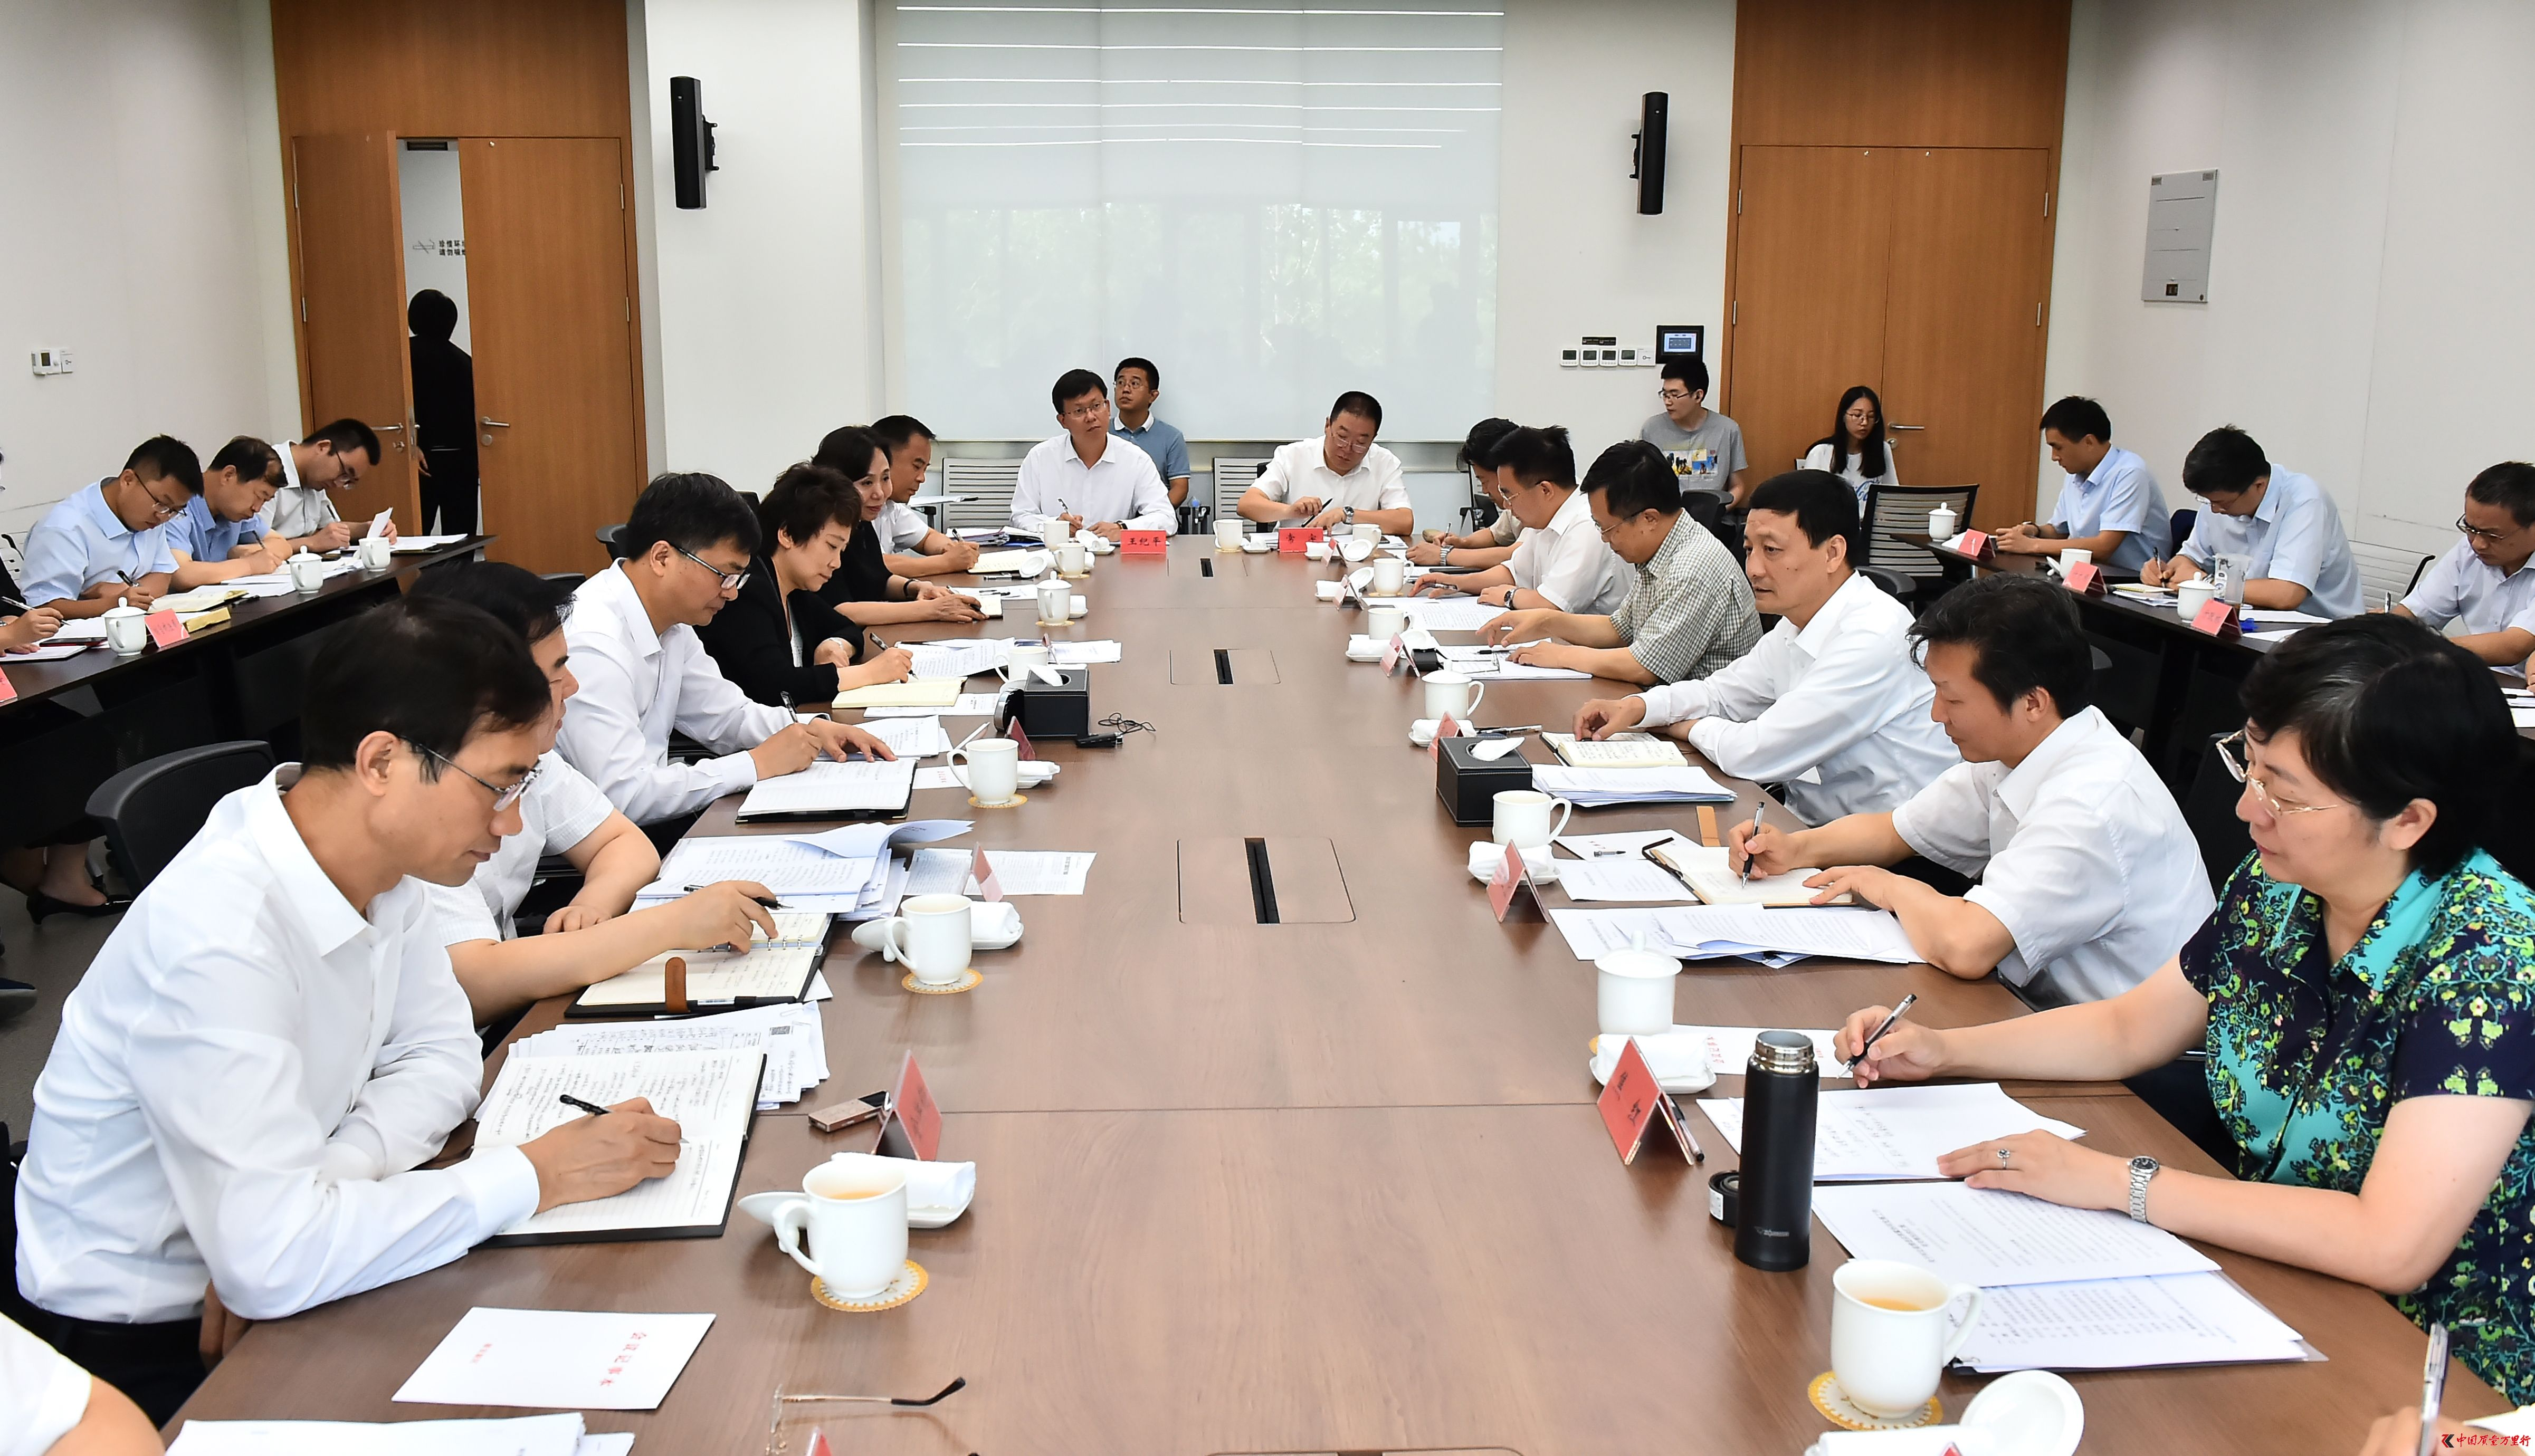 总局领导赴河北调研:扎实开展主题教育,助推京津冀协同发展和雄安新区建设